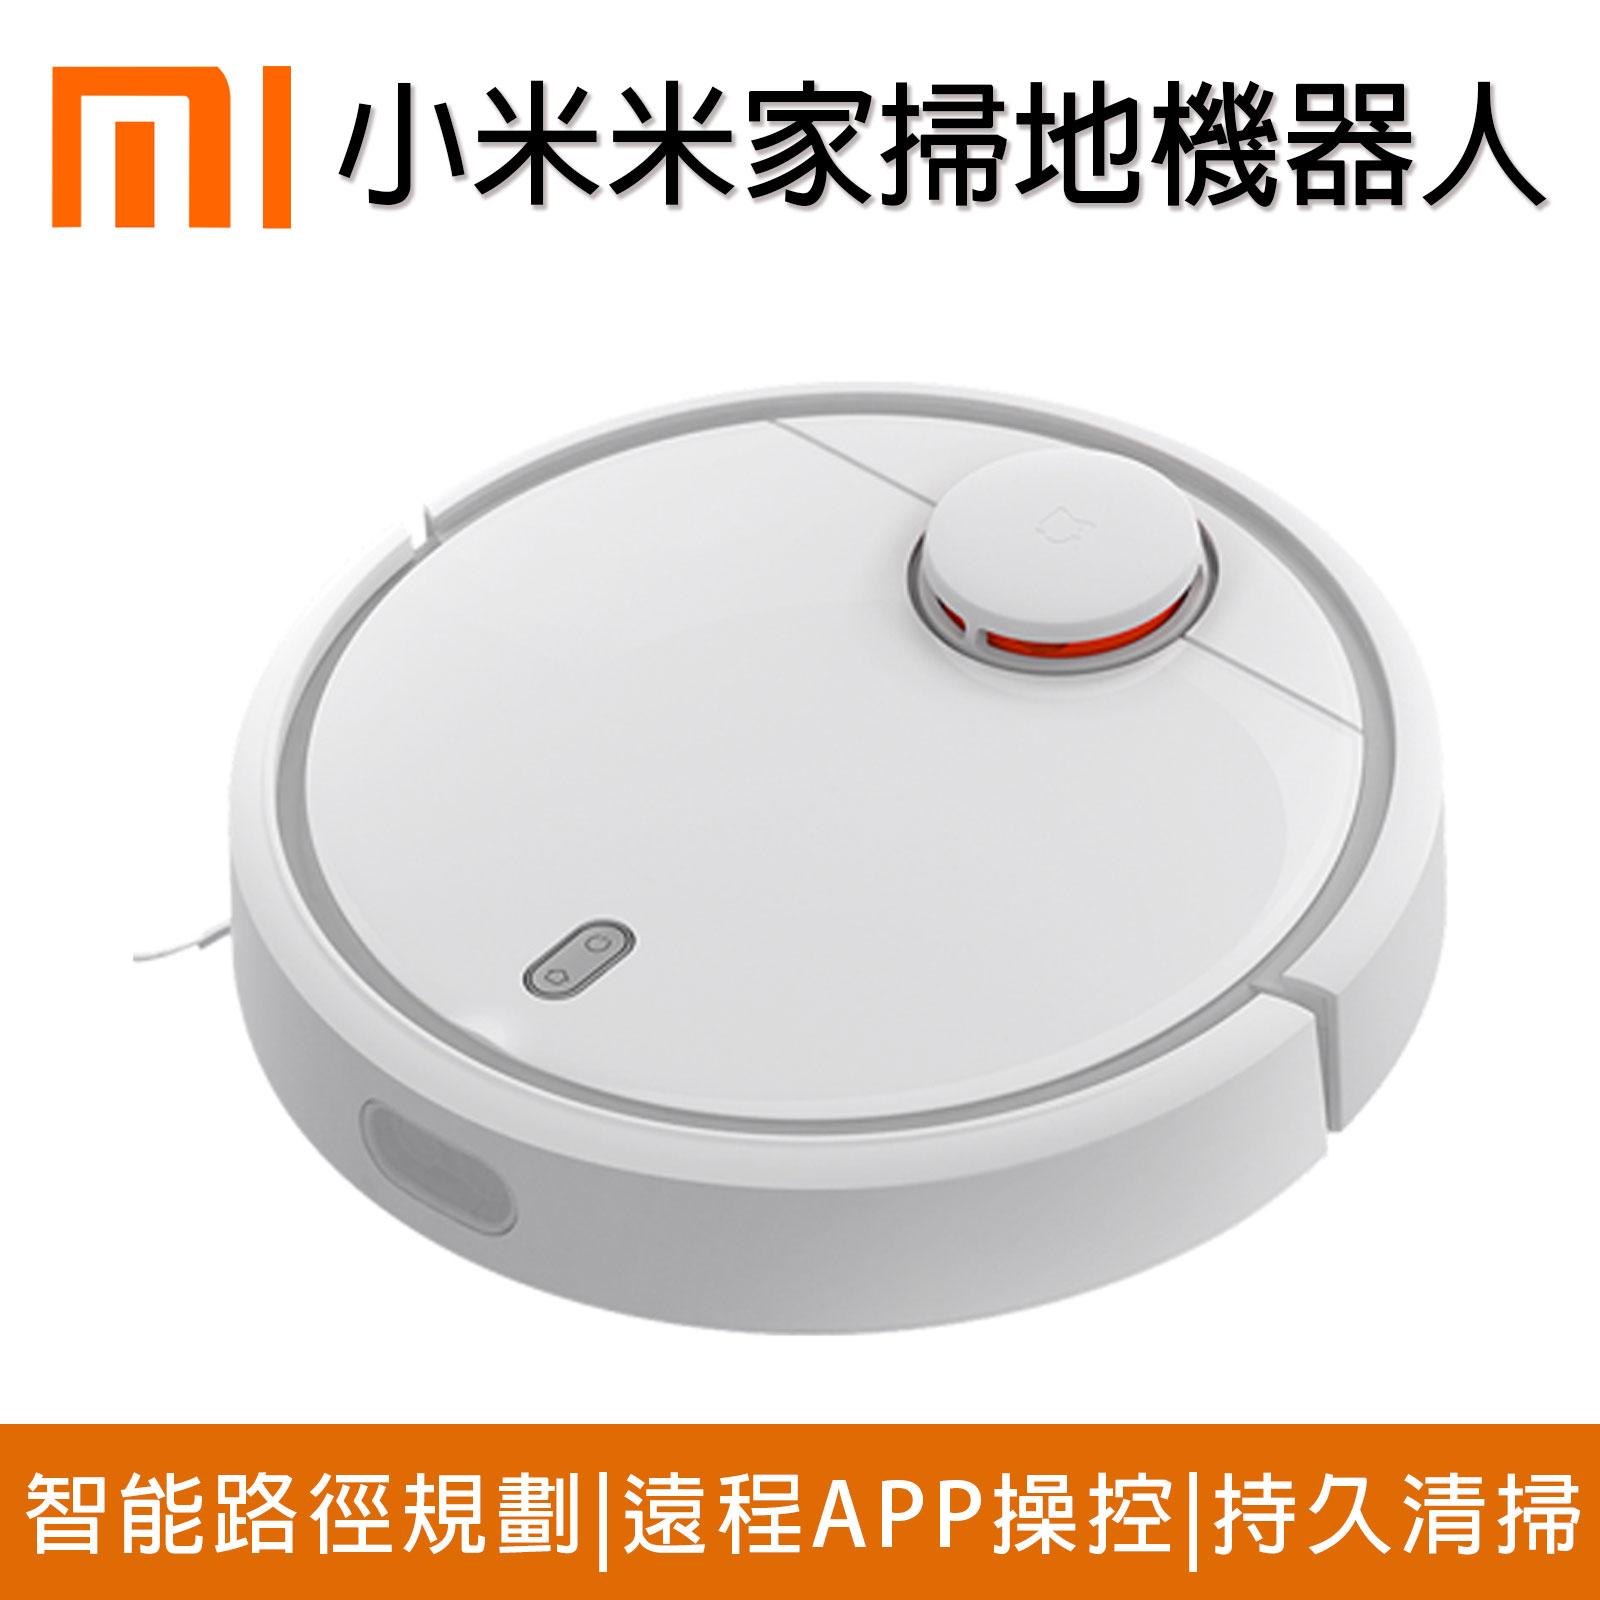 【限郵寄宅配】小米掃地機器人 原廠公司貨 吸塵機【O3335】☆雙兒網☆ 自動静音 非iRobot Neato Roomba 1